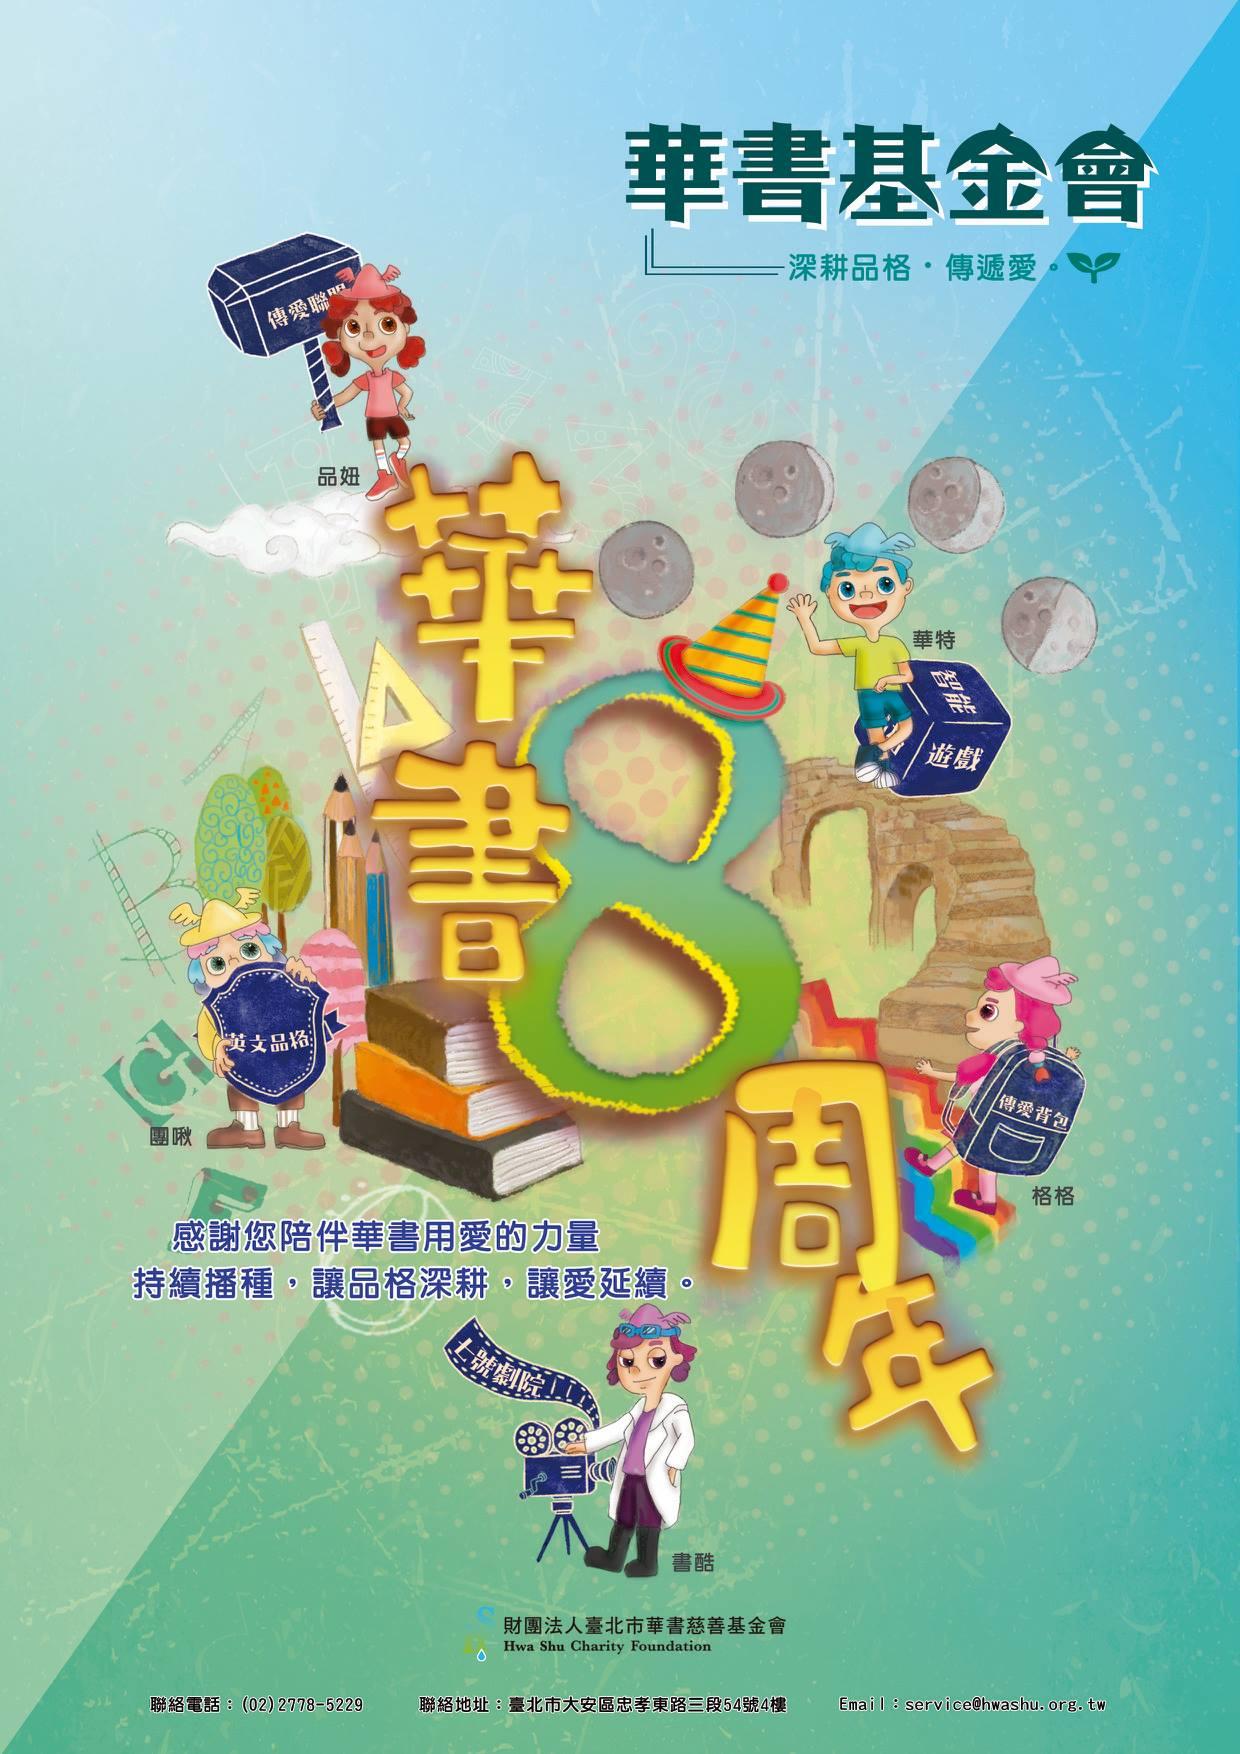 歡慶華書基金會成立8周年「有你真好!」徵圖文活動